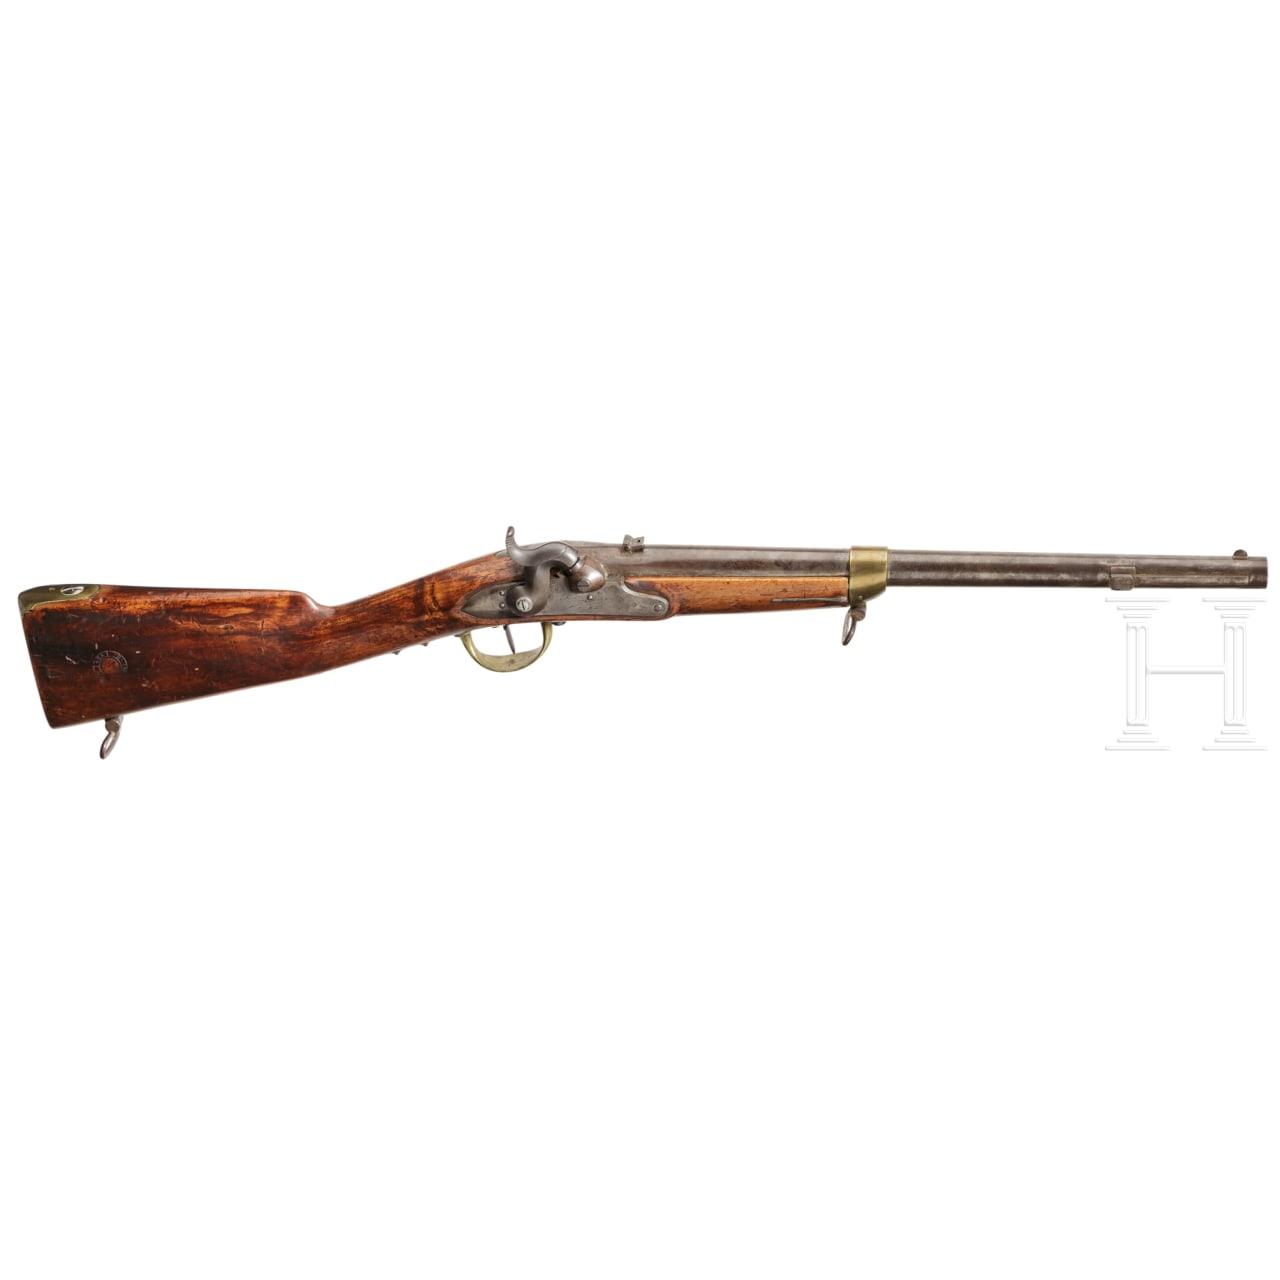 Gezogener Pionierkarabiner M1850/54 U/M